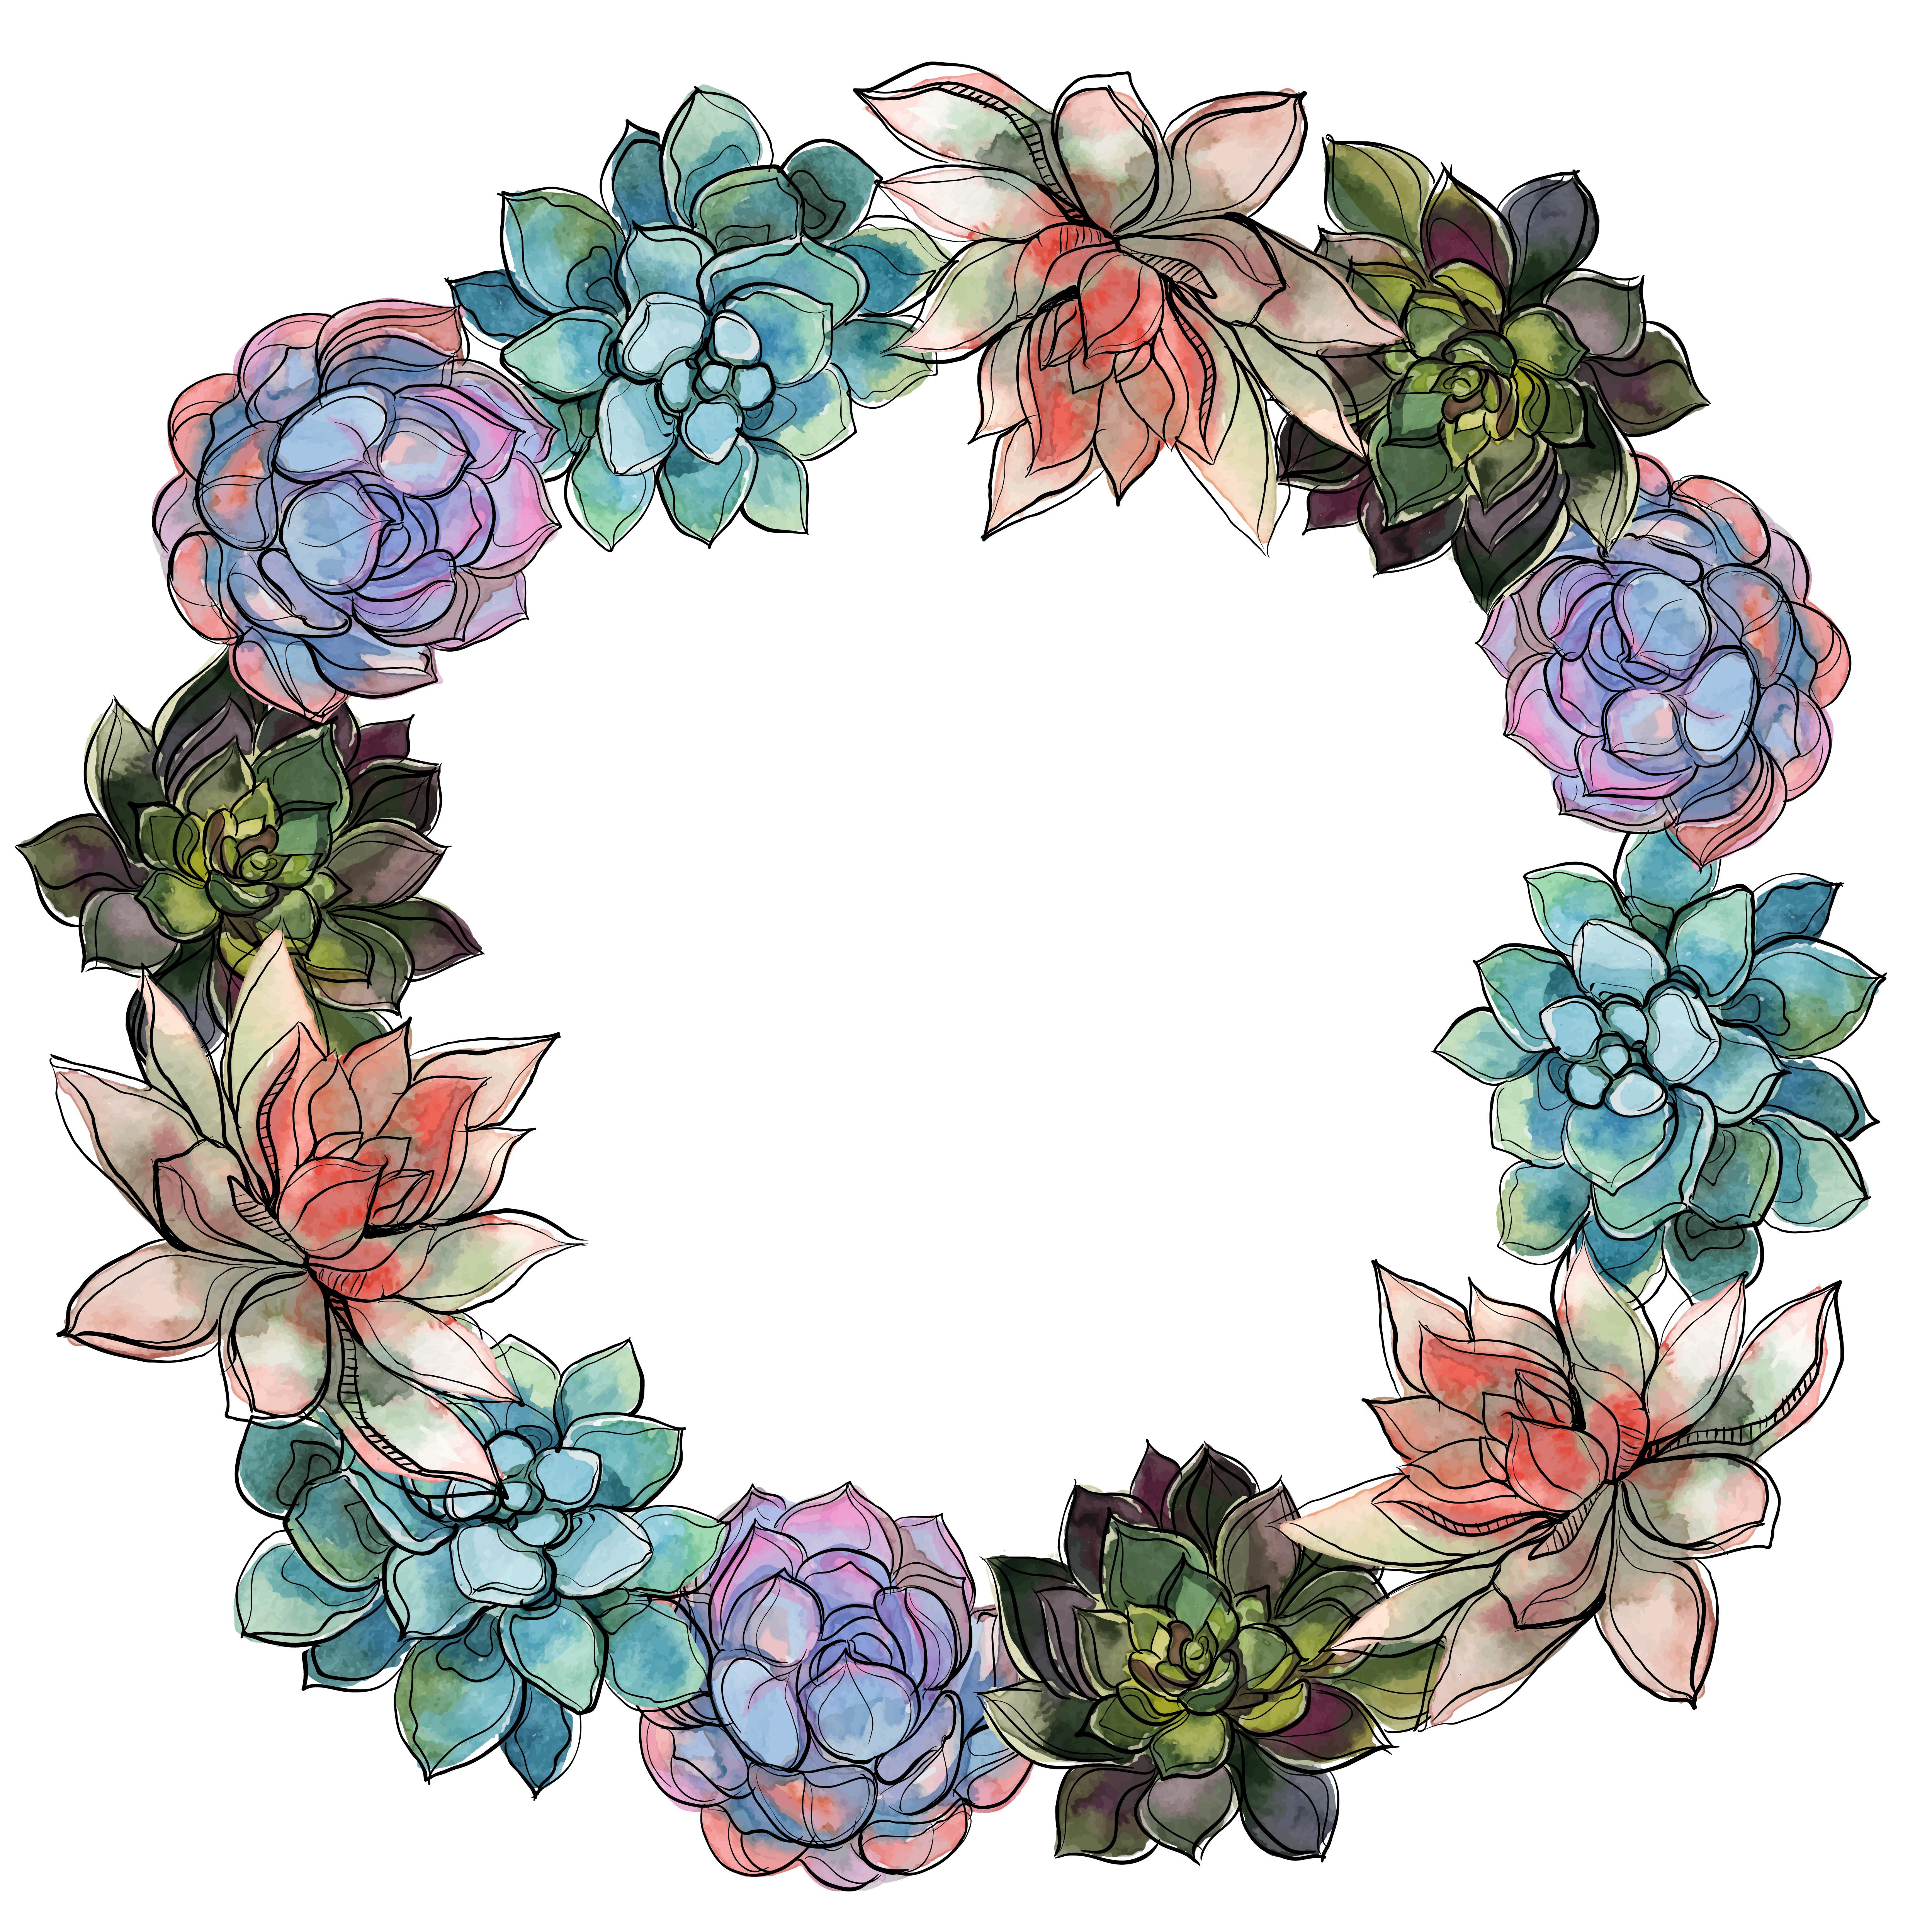 Wreath Of Succulents Watercolor Vector Illustration Download Free Vectors Clipart Graphics Vector Art